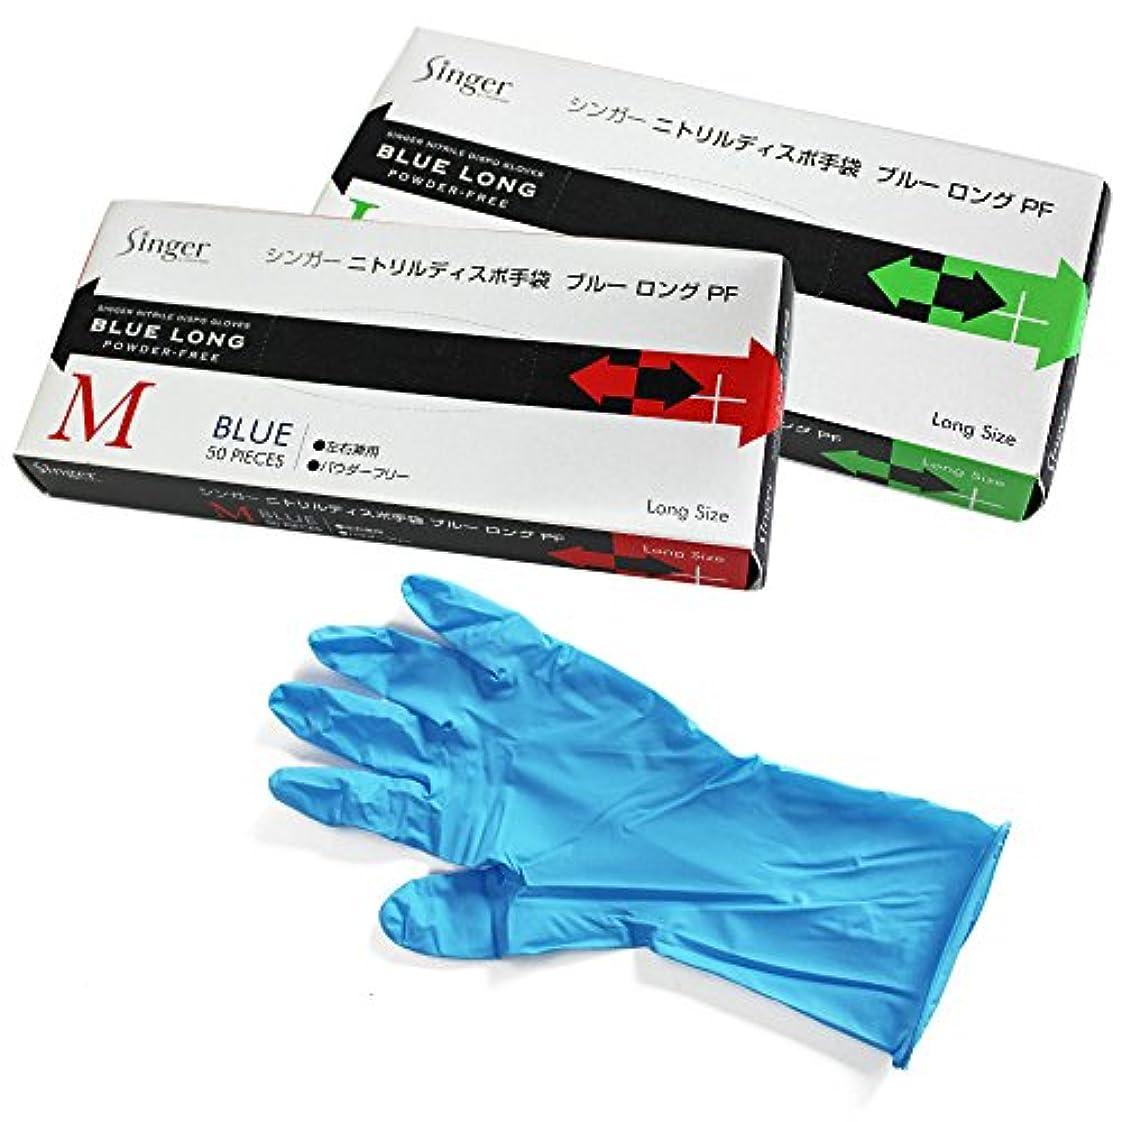 連邦急流丘シンガーニトリルディスポ手袋ブルーロングパウダーフリー250枚(50枚入り×5箱) (M)